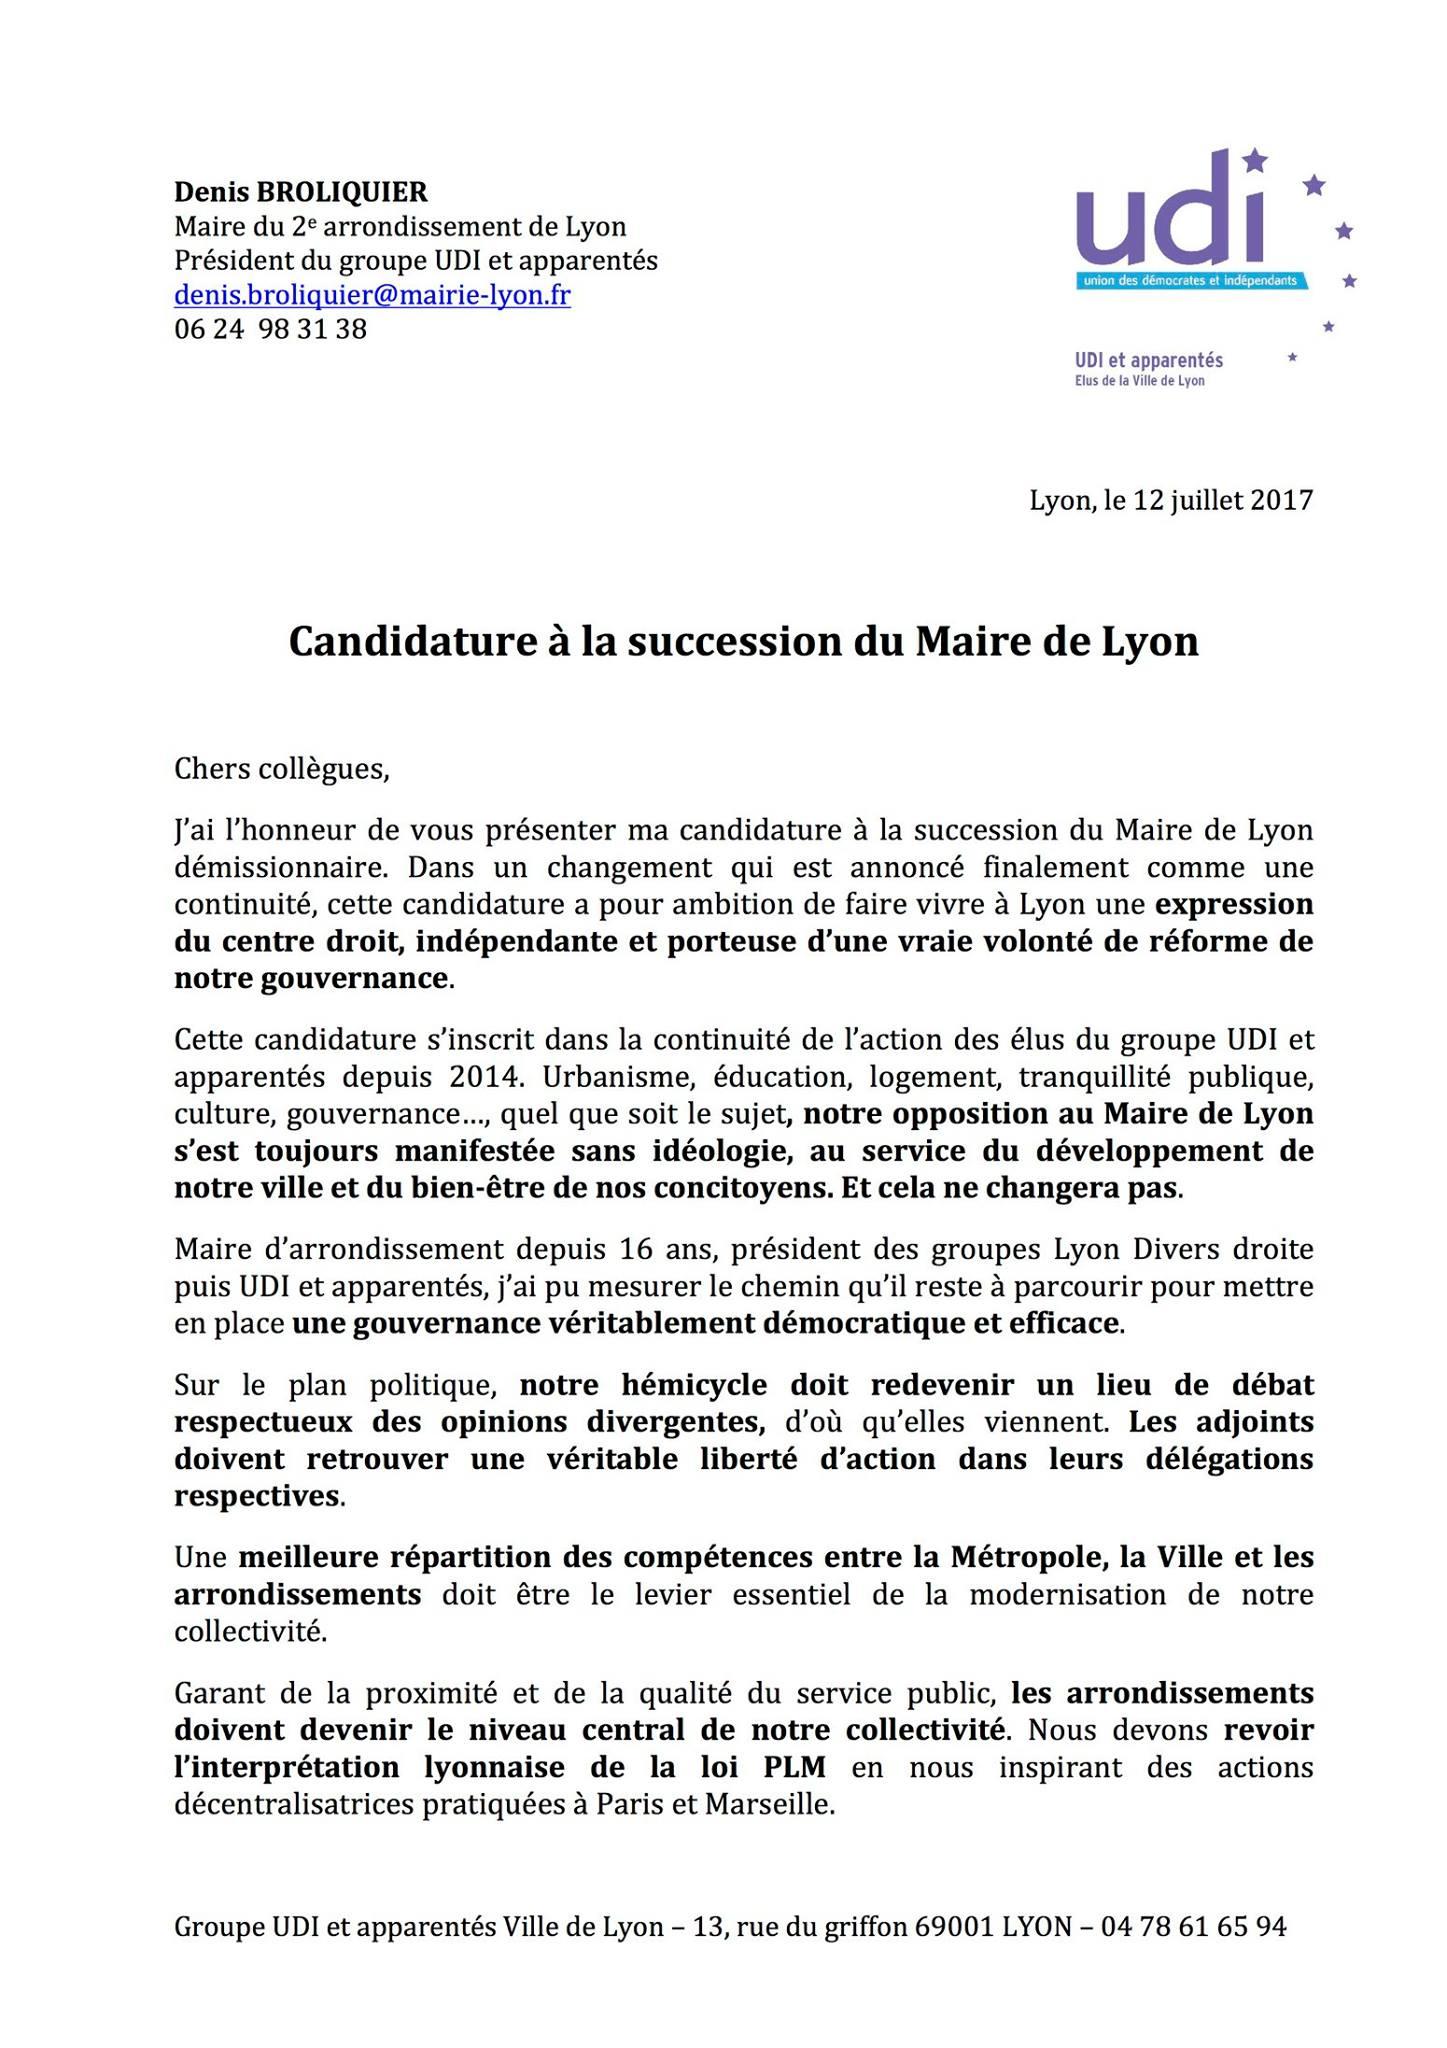 Candidature Denis broliquer - Mairie de Lyon - UDI métropole de Lyon 1